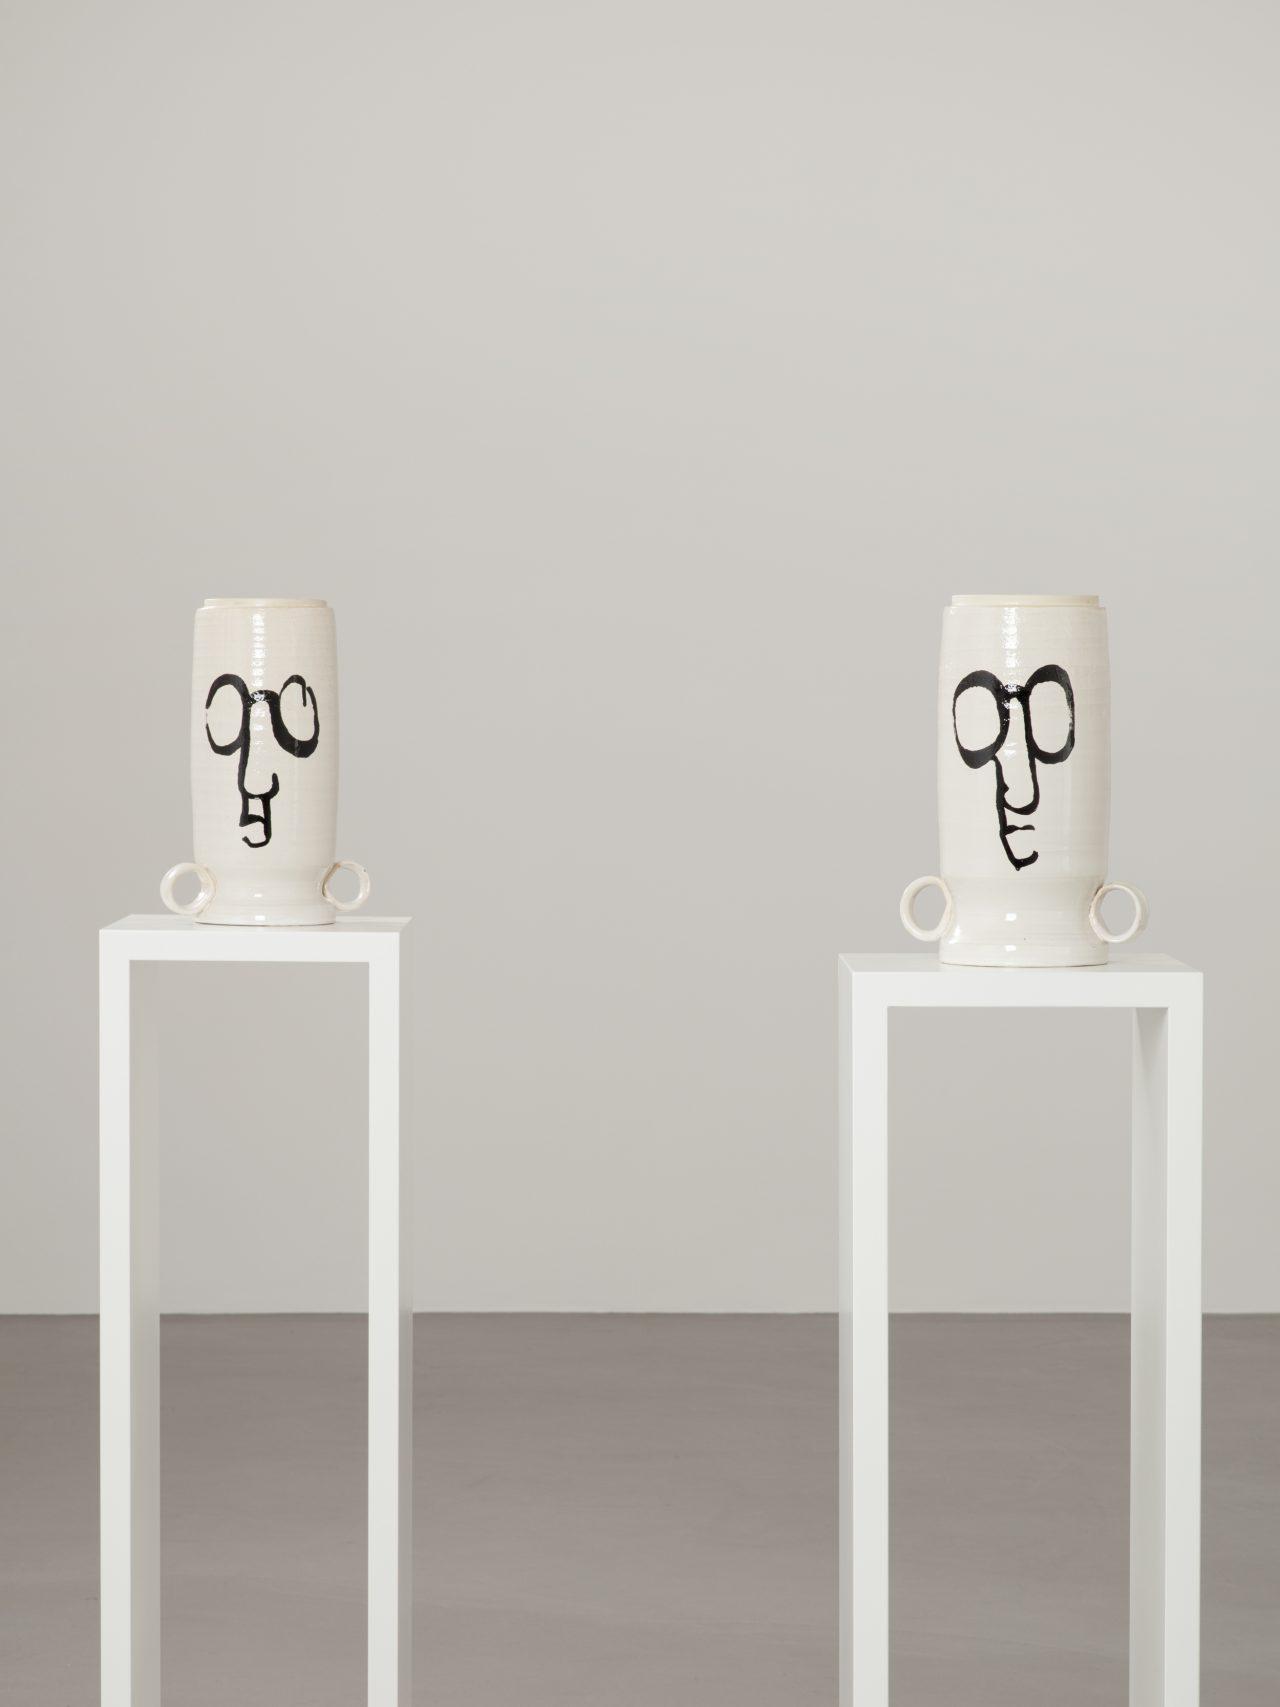 Judith Hopf, Erschöpfte Vasen (2021)